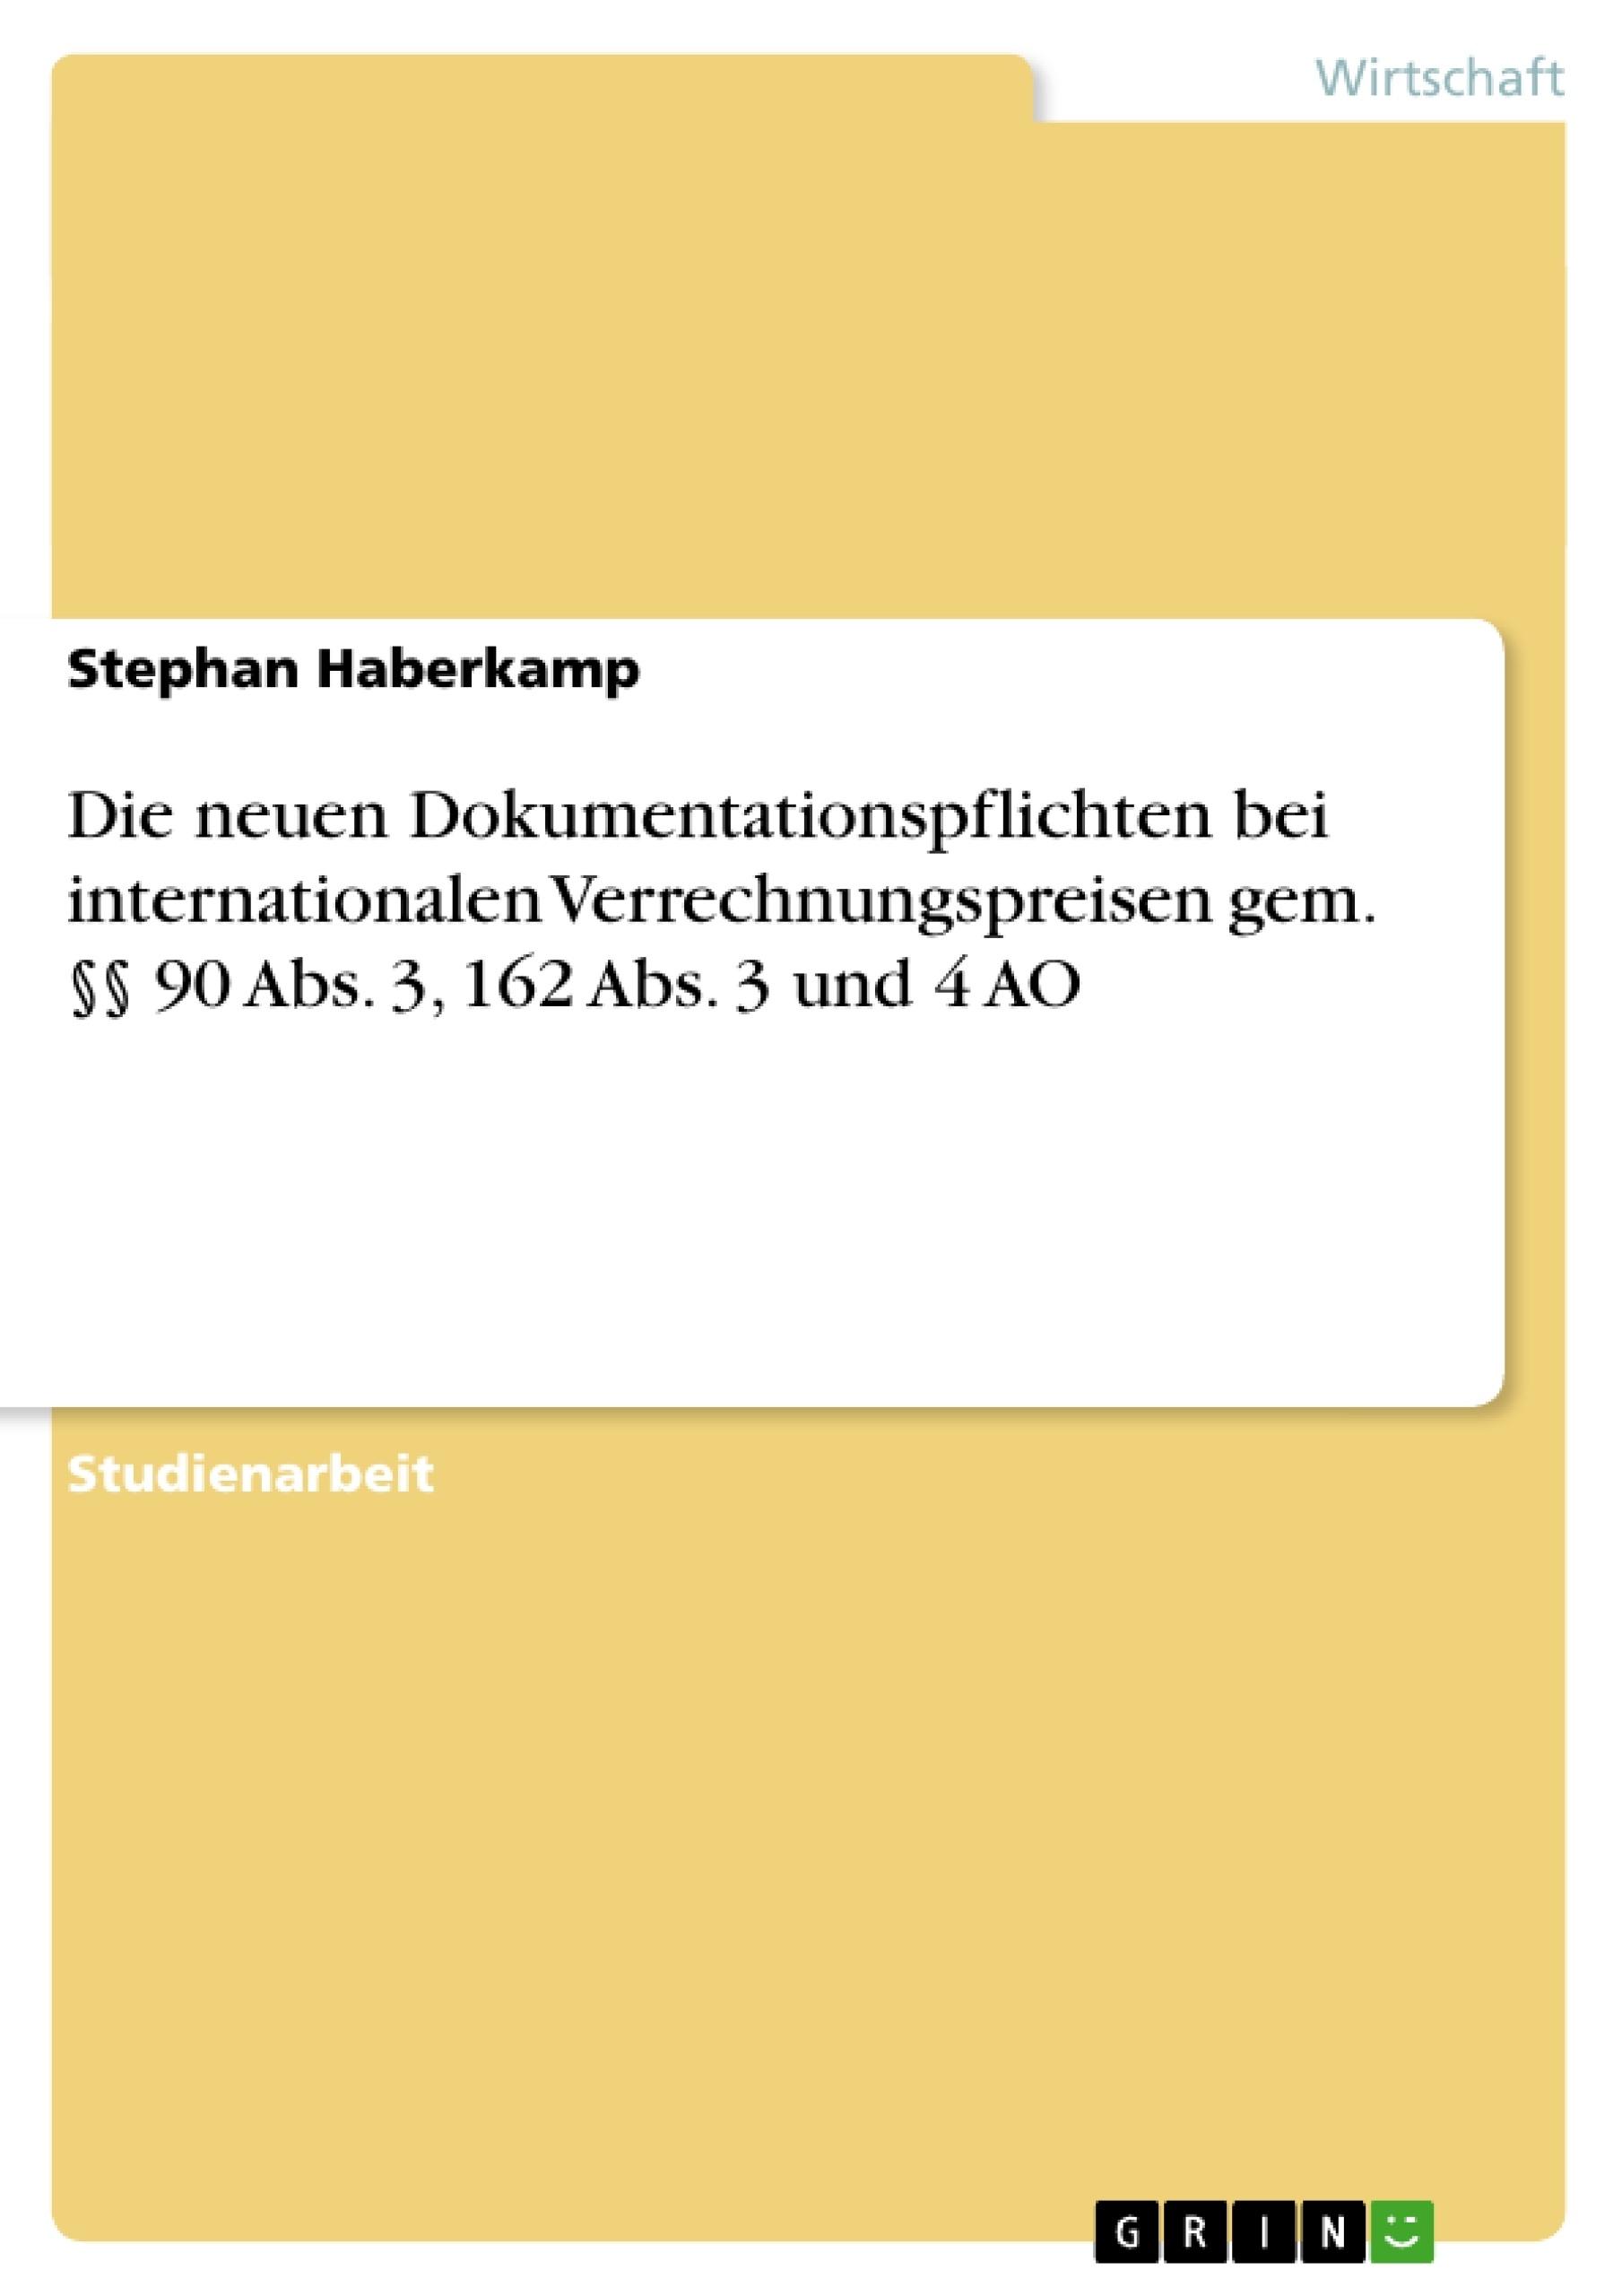 Titel: Die neuen Dokumentationspflichten bei internationalen Verrechnungspreisen gem. §§ 90 Abs. 3, 162 Abs. 3 und 4 AO